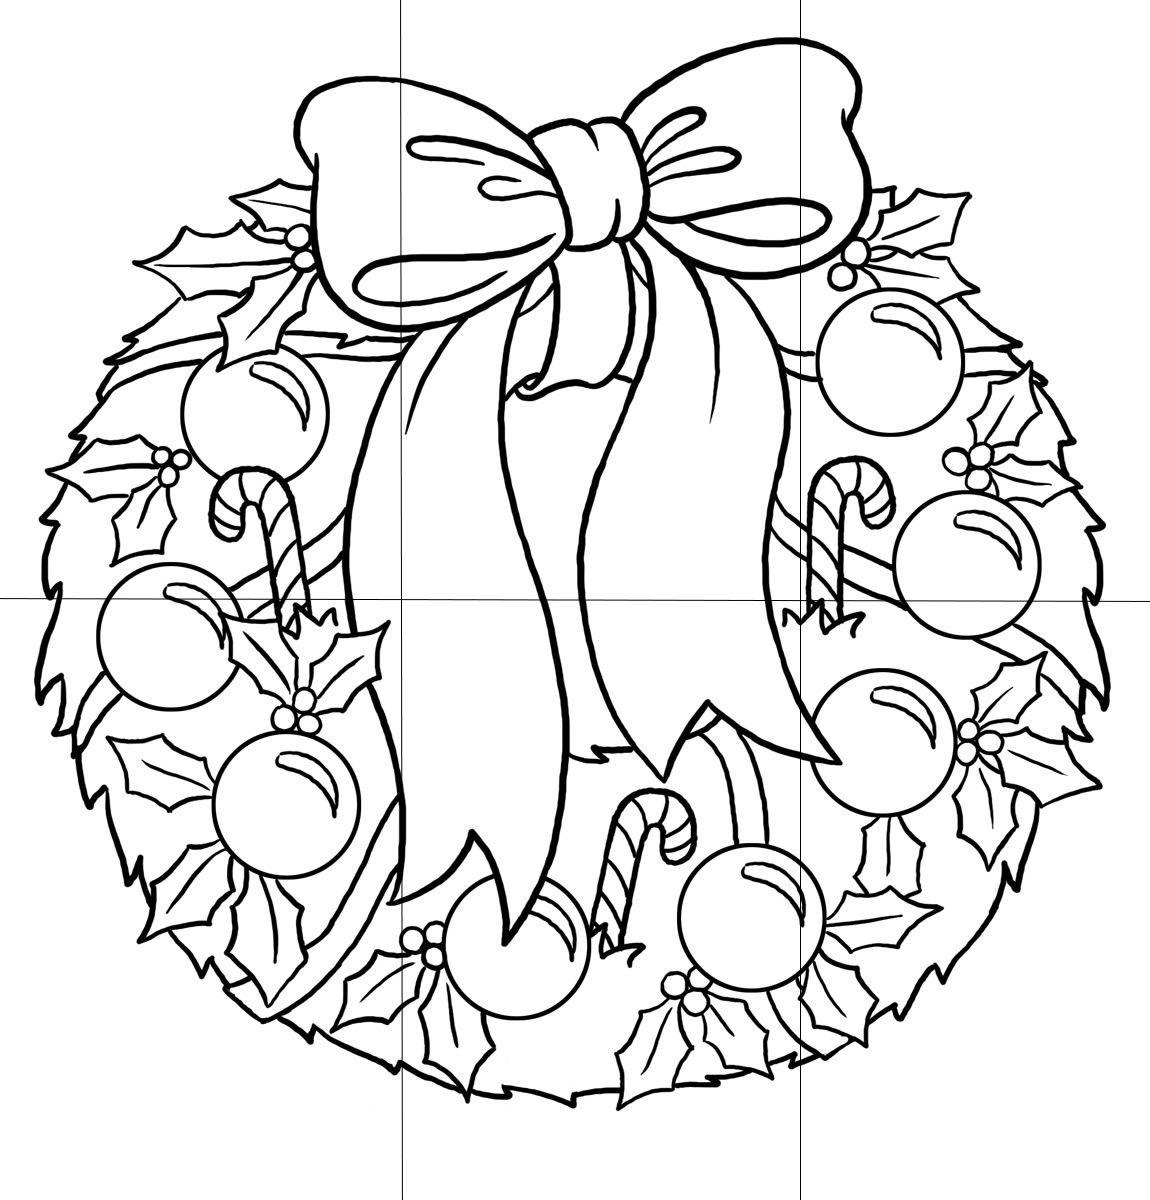 Corona para colorear | Navidad - fiestas de fin de año | Pinterest ...